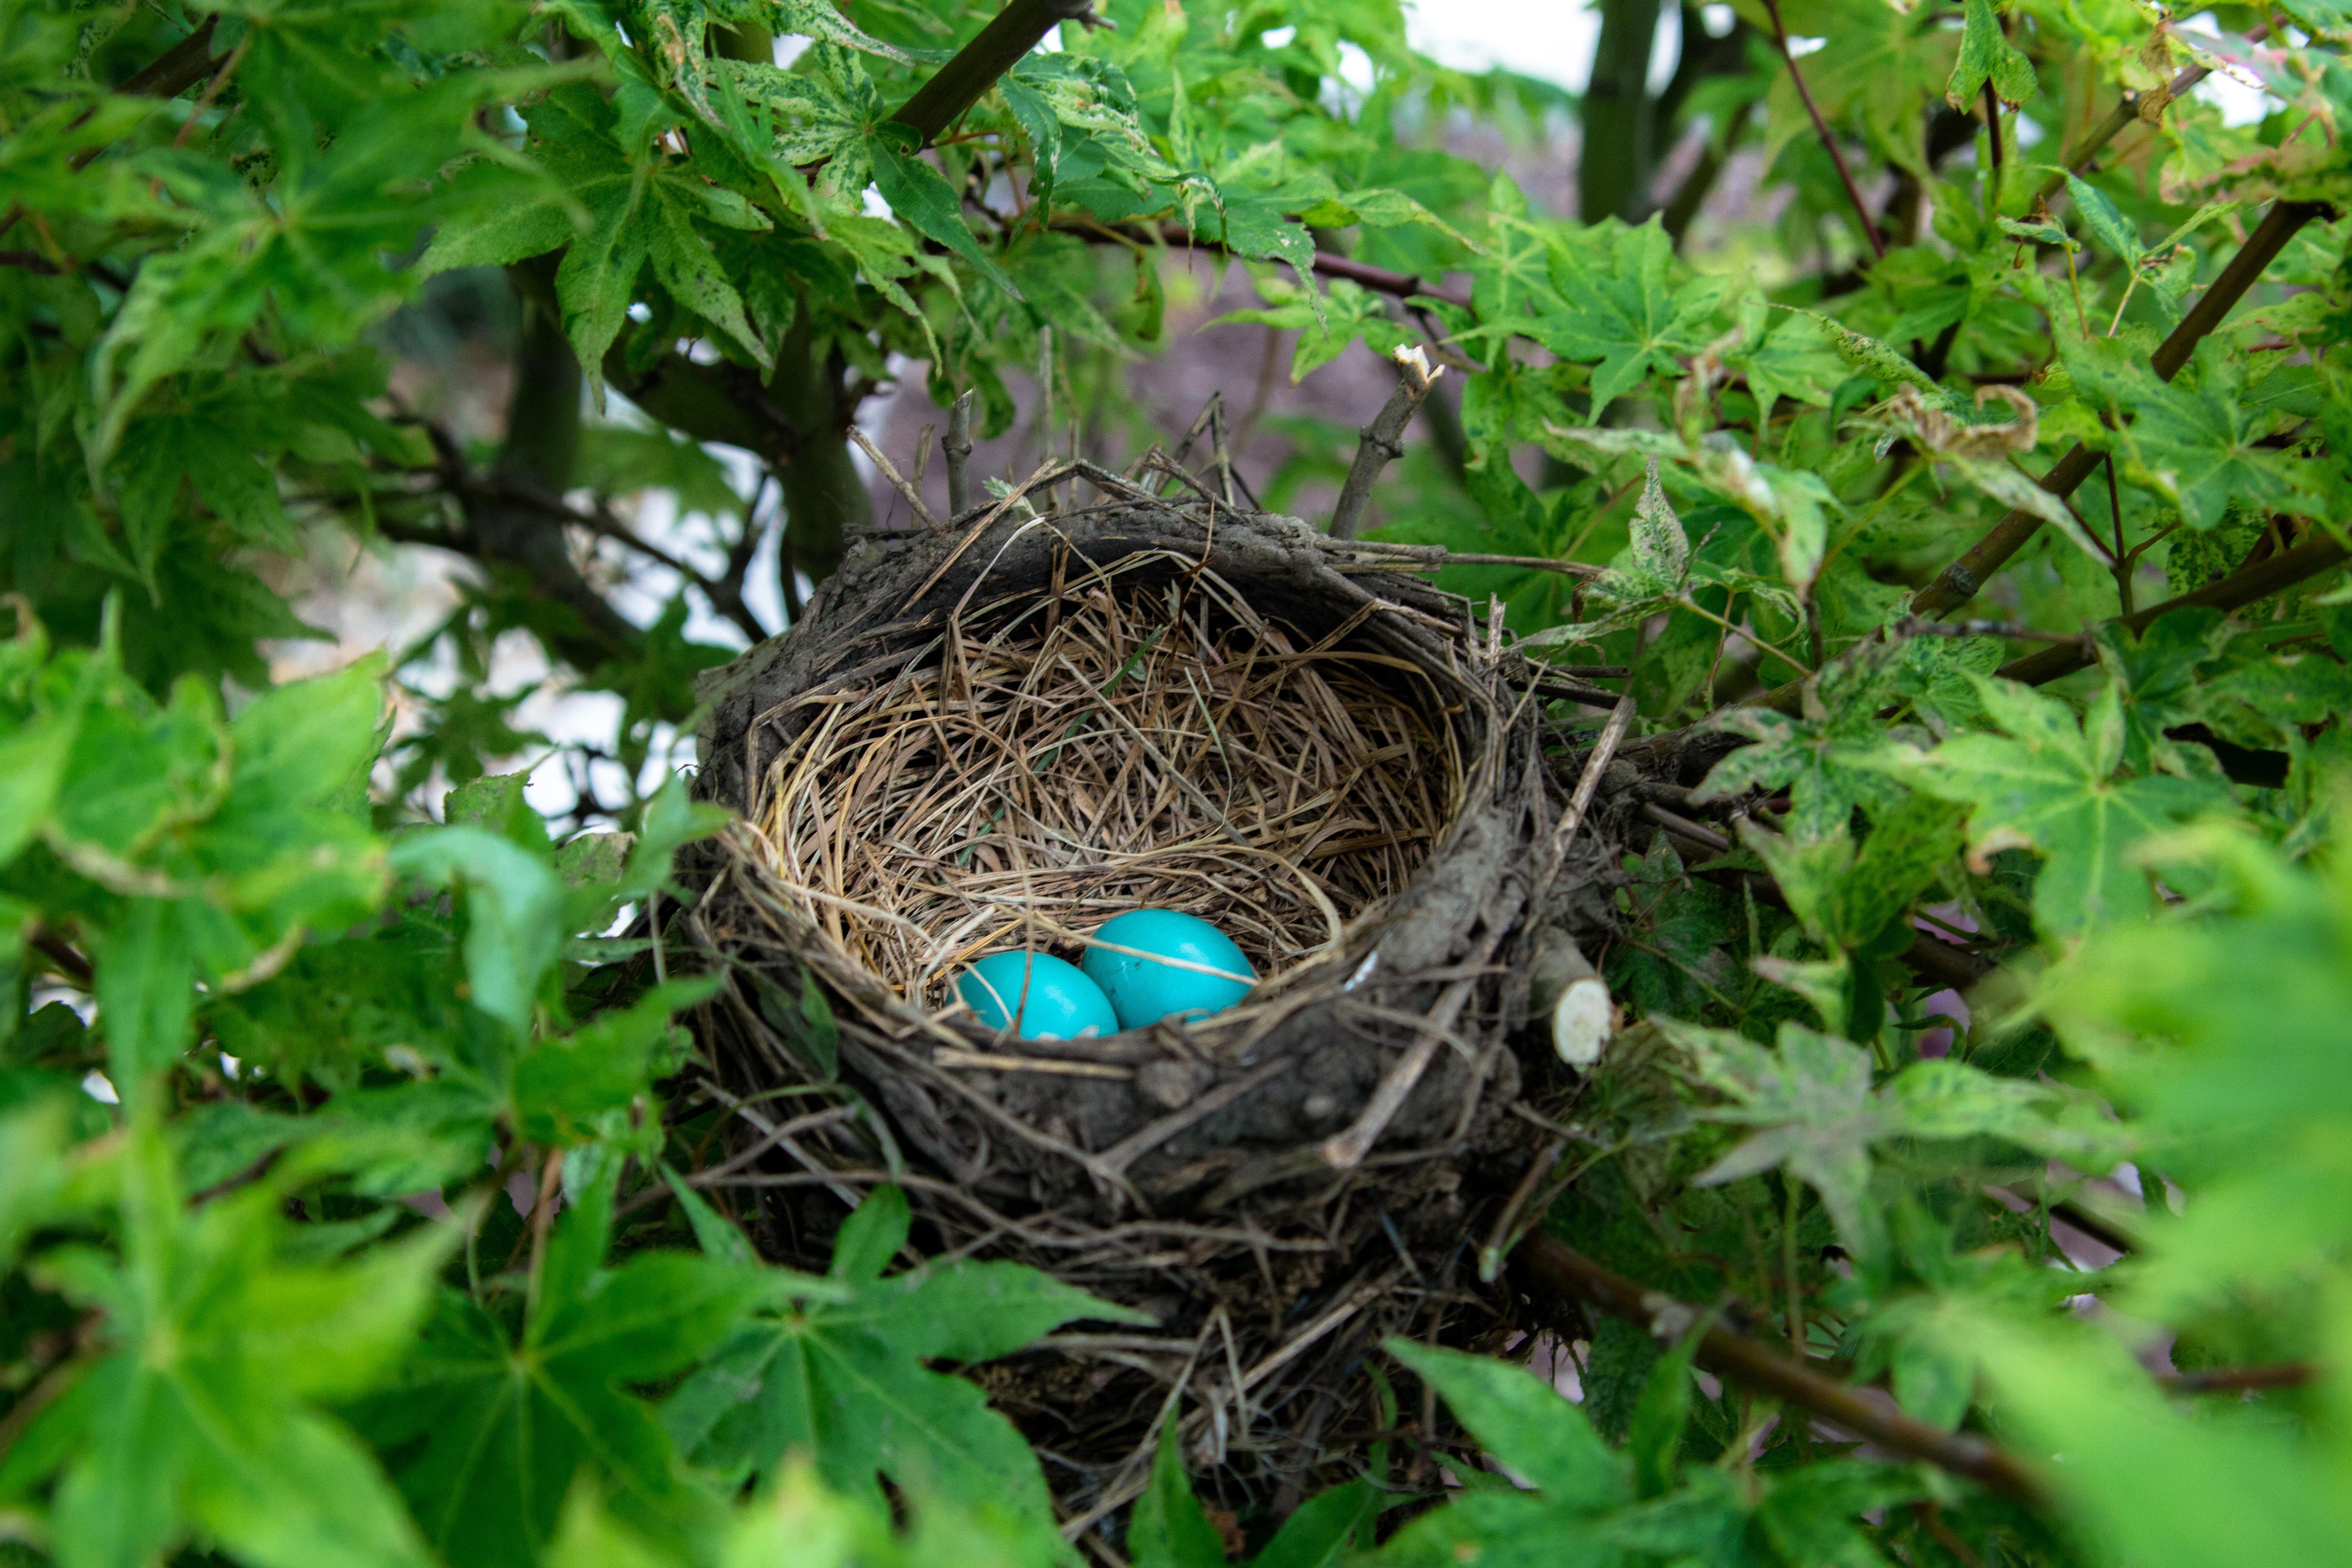 Ei Voor In De Tuin.Gratis Afbeeldingen Tak Wildlife Oerwoud Tuin Fauna Ei